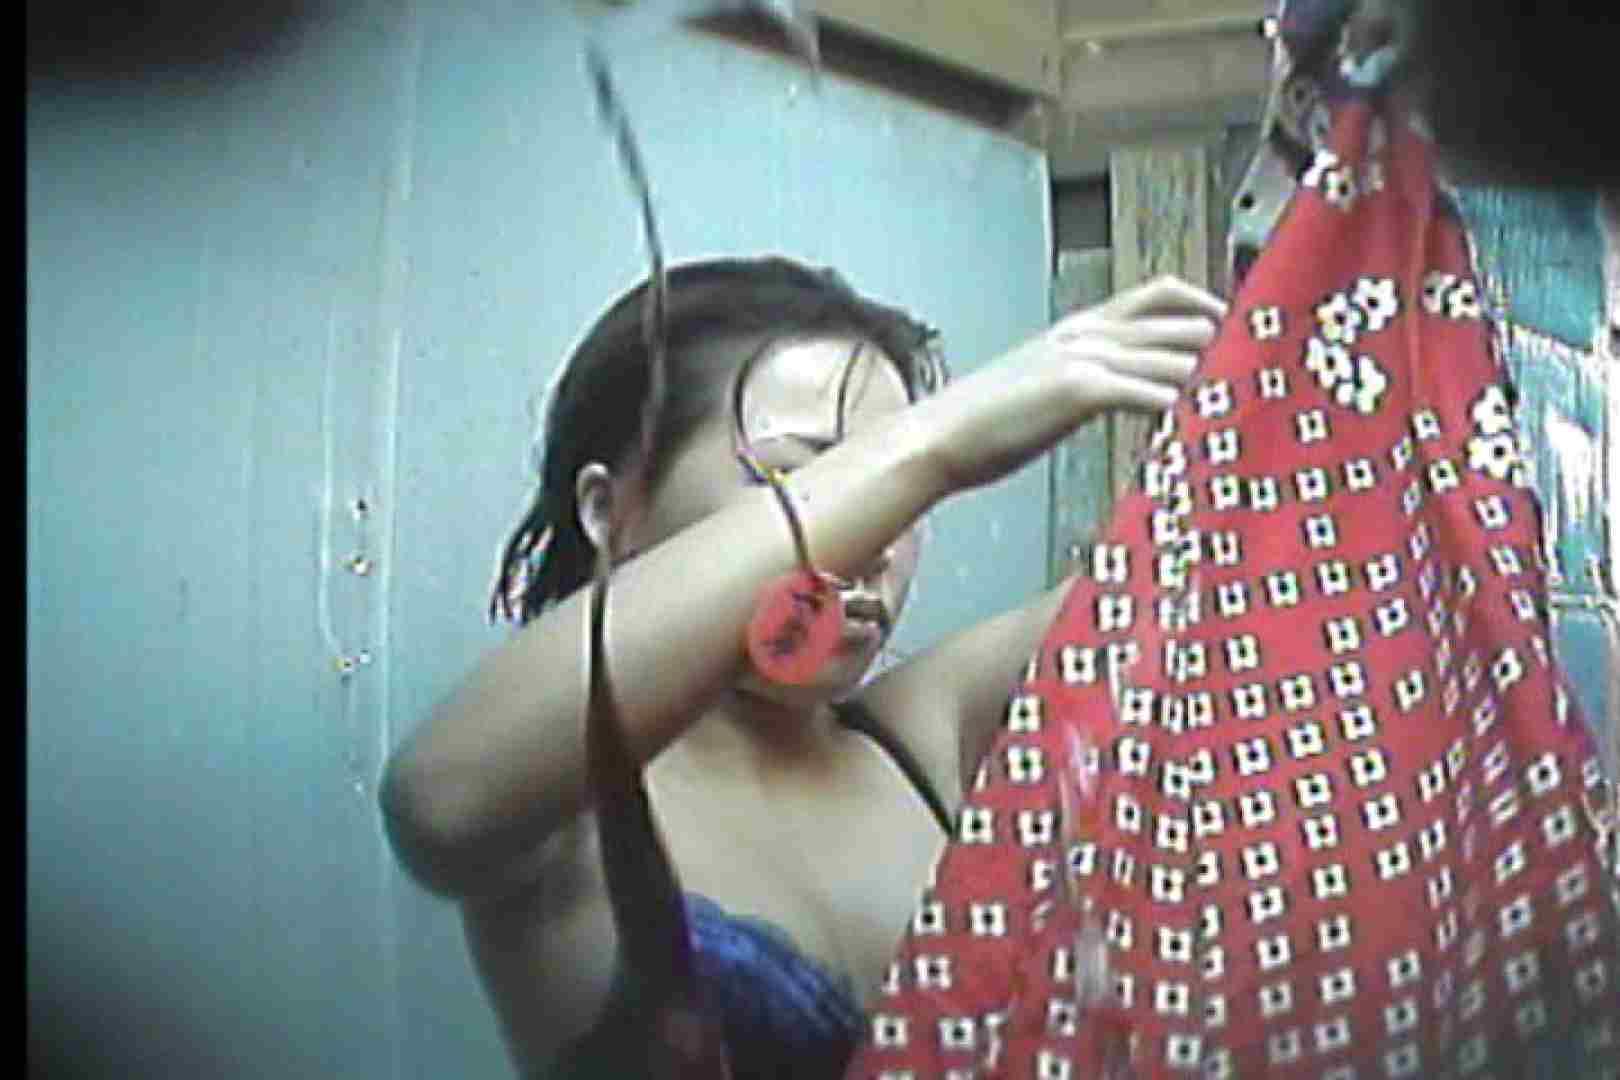 海の家の更衣室 Vol.55 OLのボディ | 美女のボディ  80PIX 76